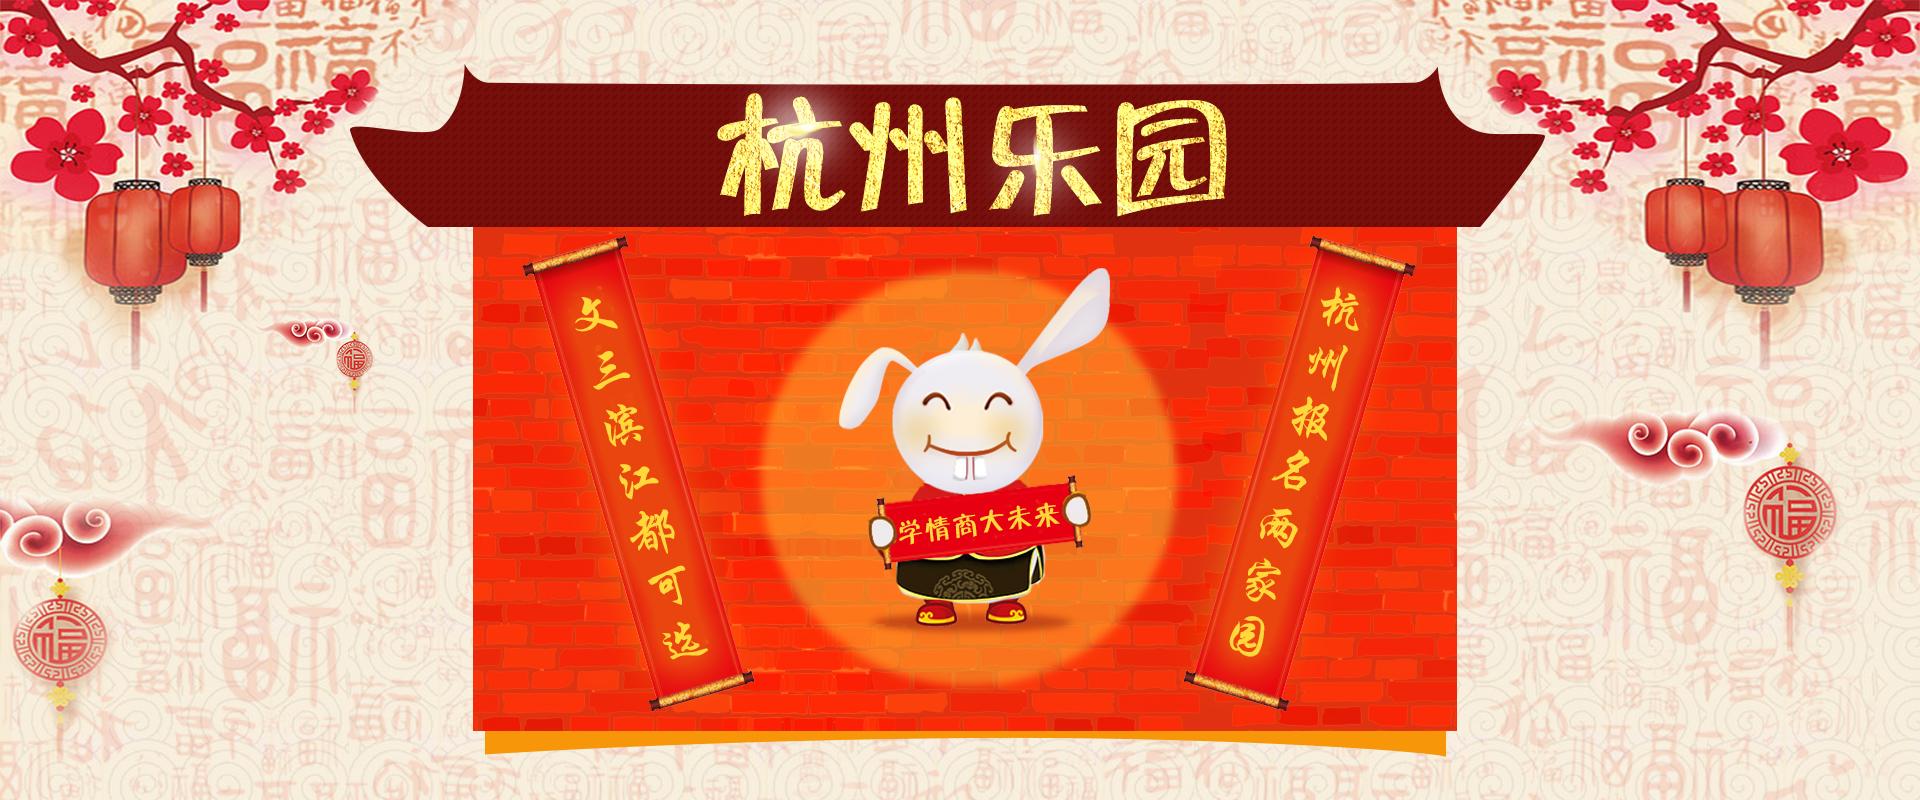 杭州乐园宣传